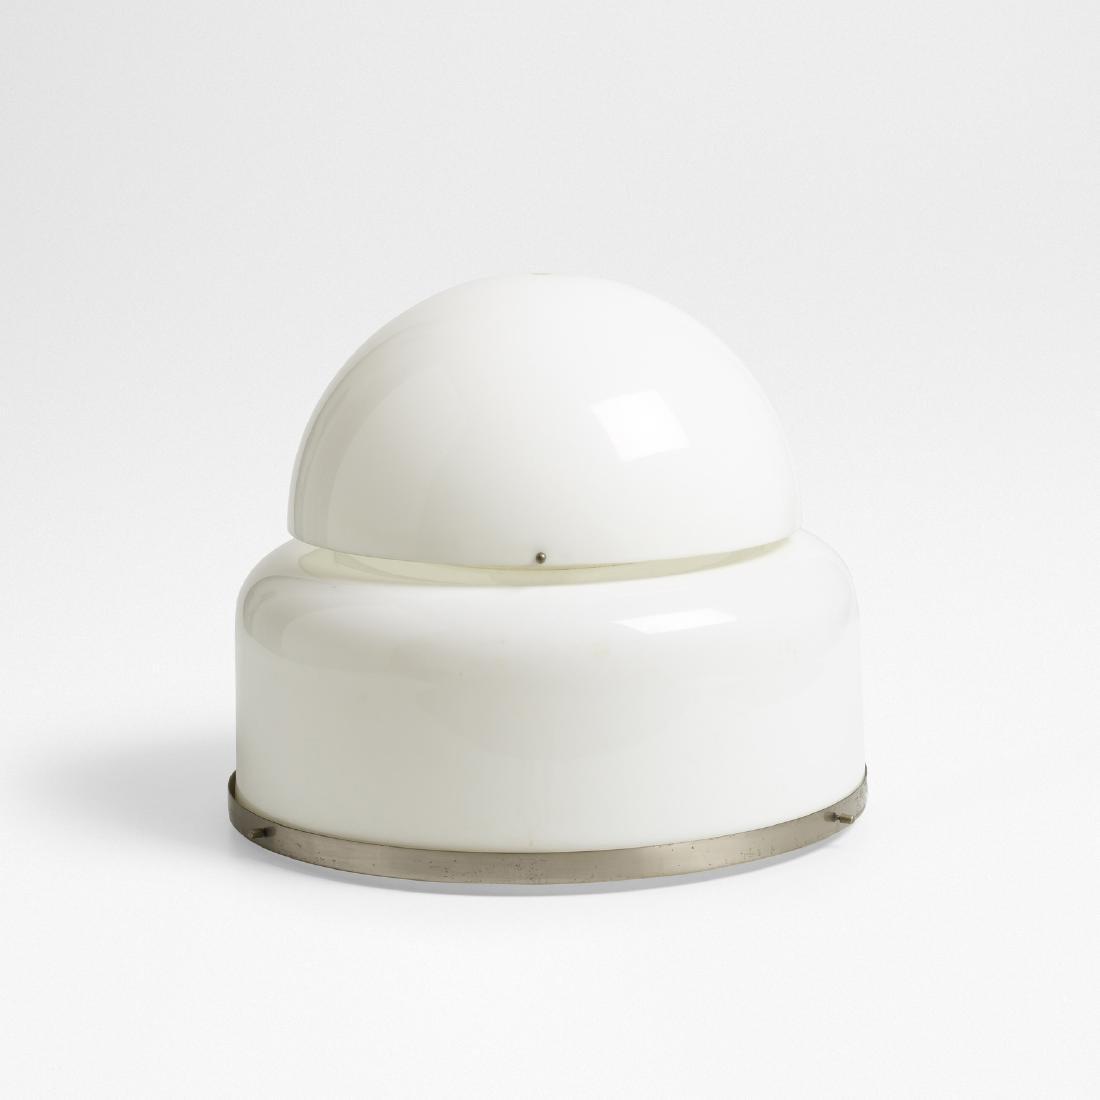 Claudio Salocchi, table lamp